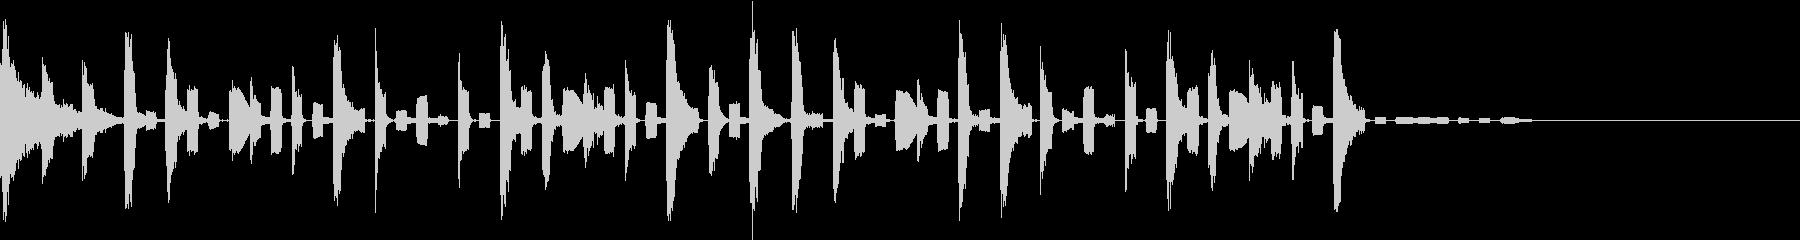 エレクトロジングル youtubeの未再生の波形